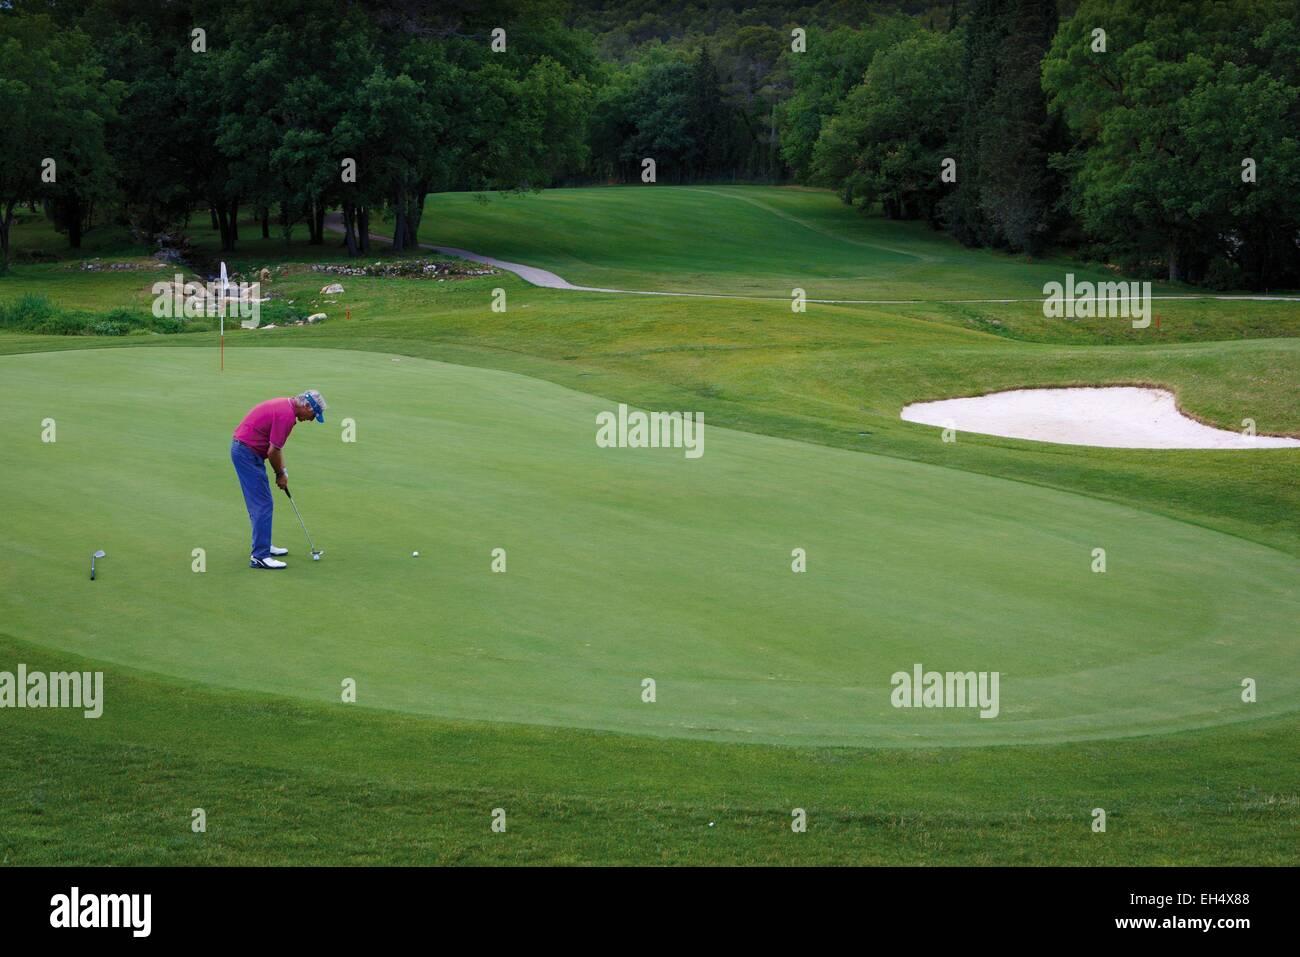 Francia, Alpes Maritimes, Valbonne, giocatore di golf su un campo da golf estate provenzale Immagini Stock